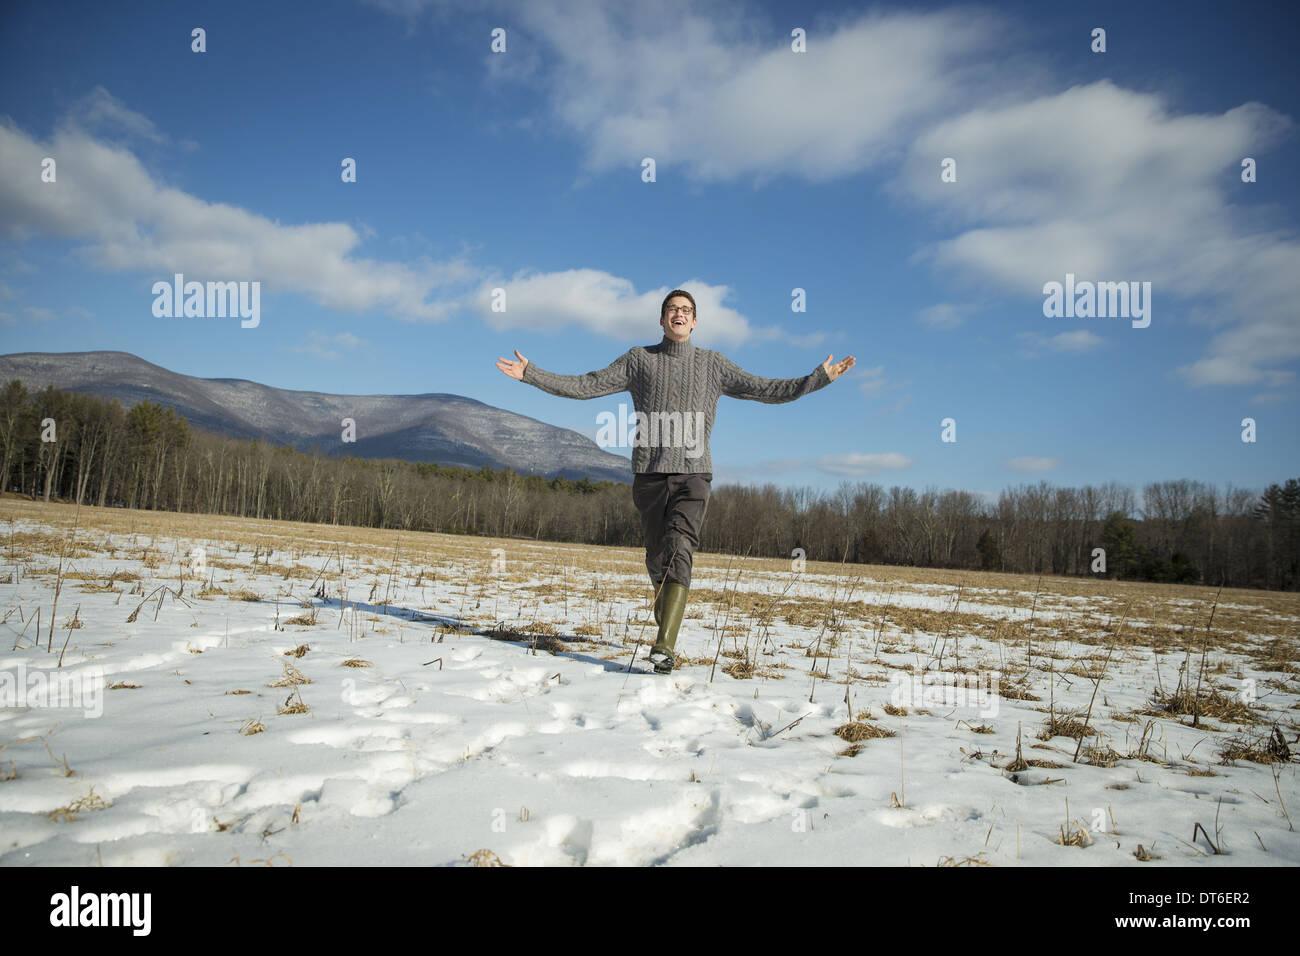 Un hombre en un cable puente tejida y muck botas de pie con los brazos estirados, cubierto de nieve en un paisaje rural. Imagen De Stock